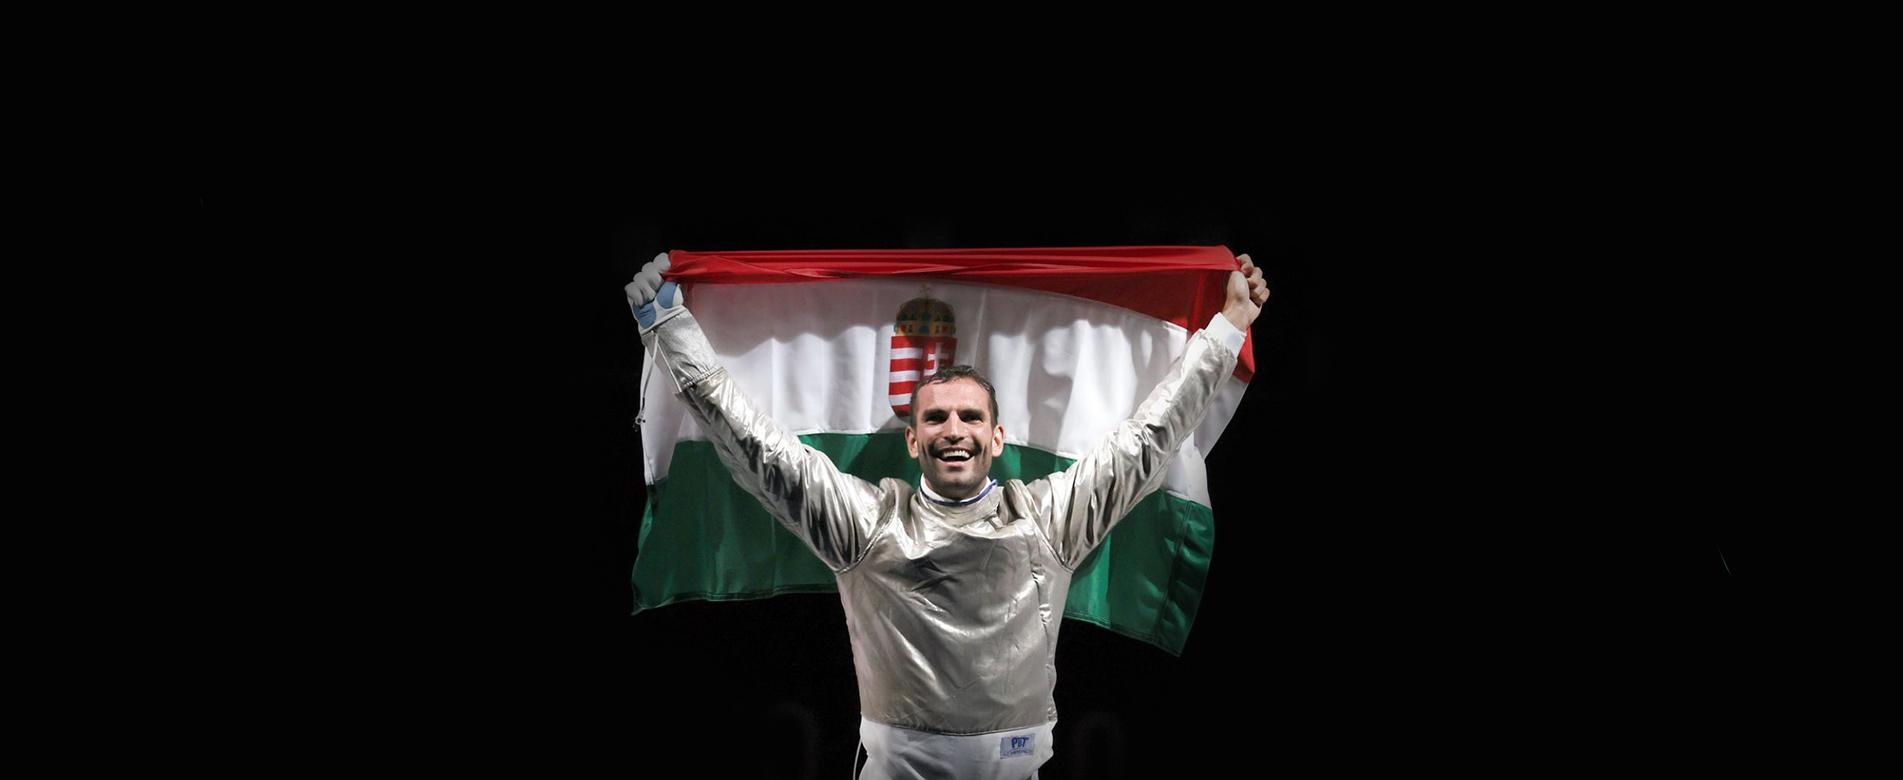 Szilágyi Áron ismét megvédte olimpiai bajnoki címét!